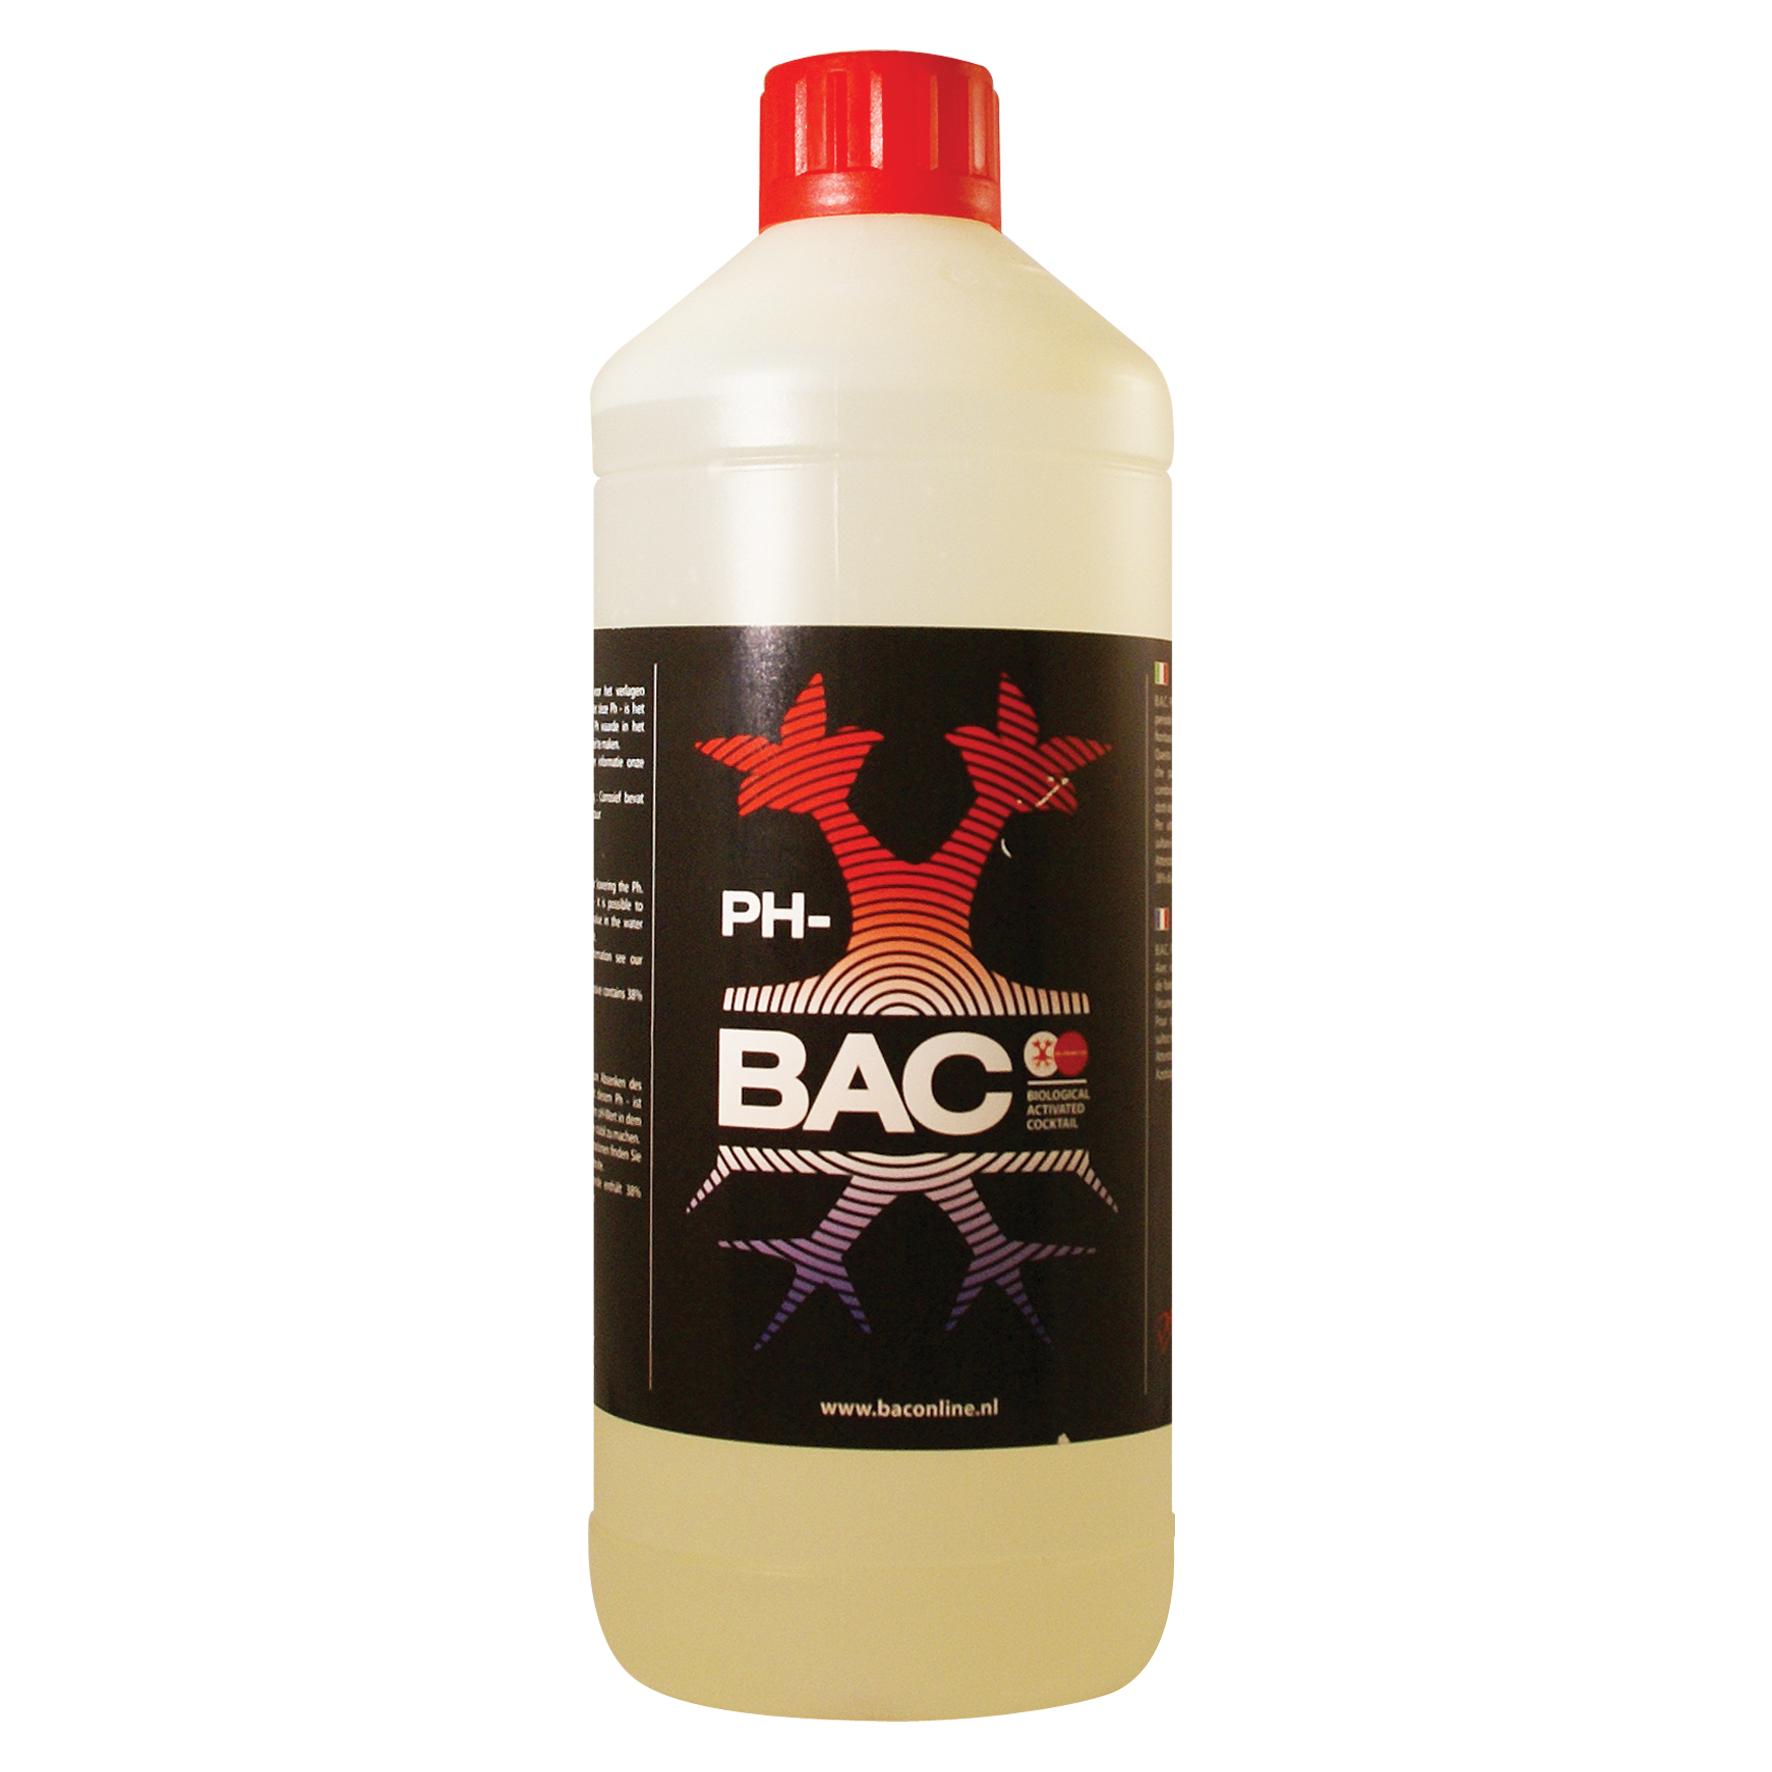 BAC - pH- для понижения уровня кислотности